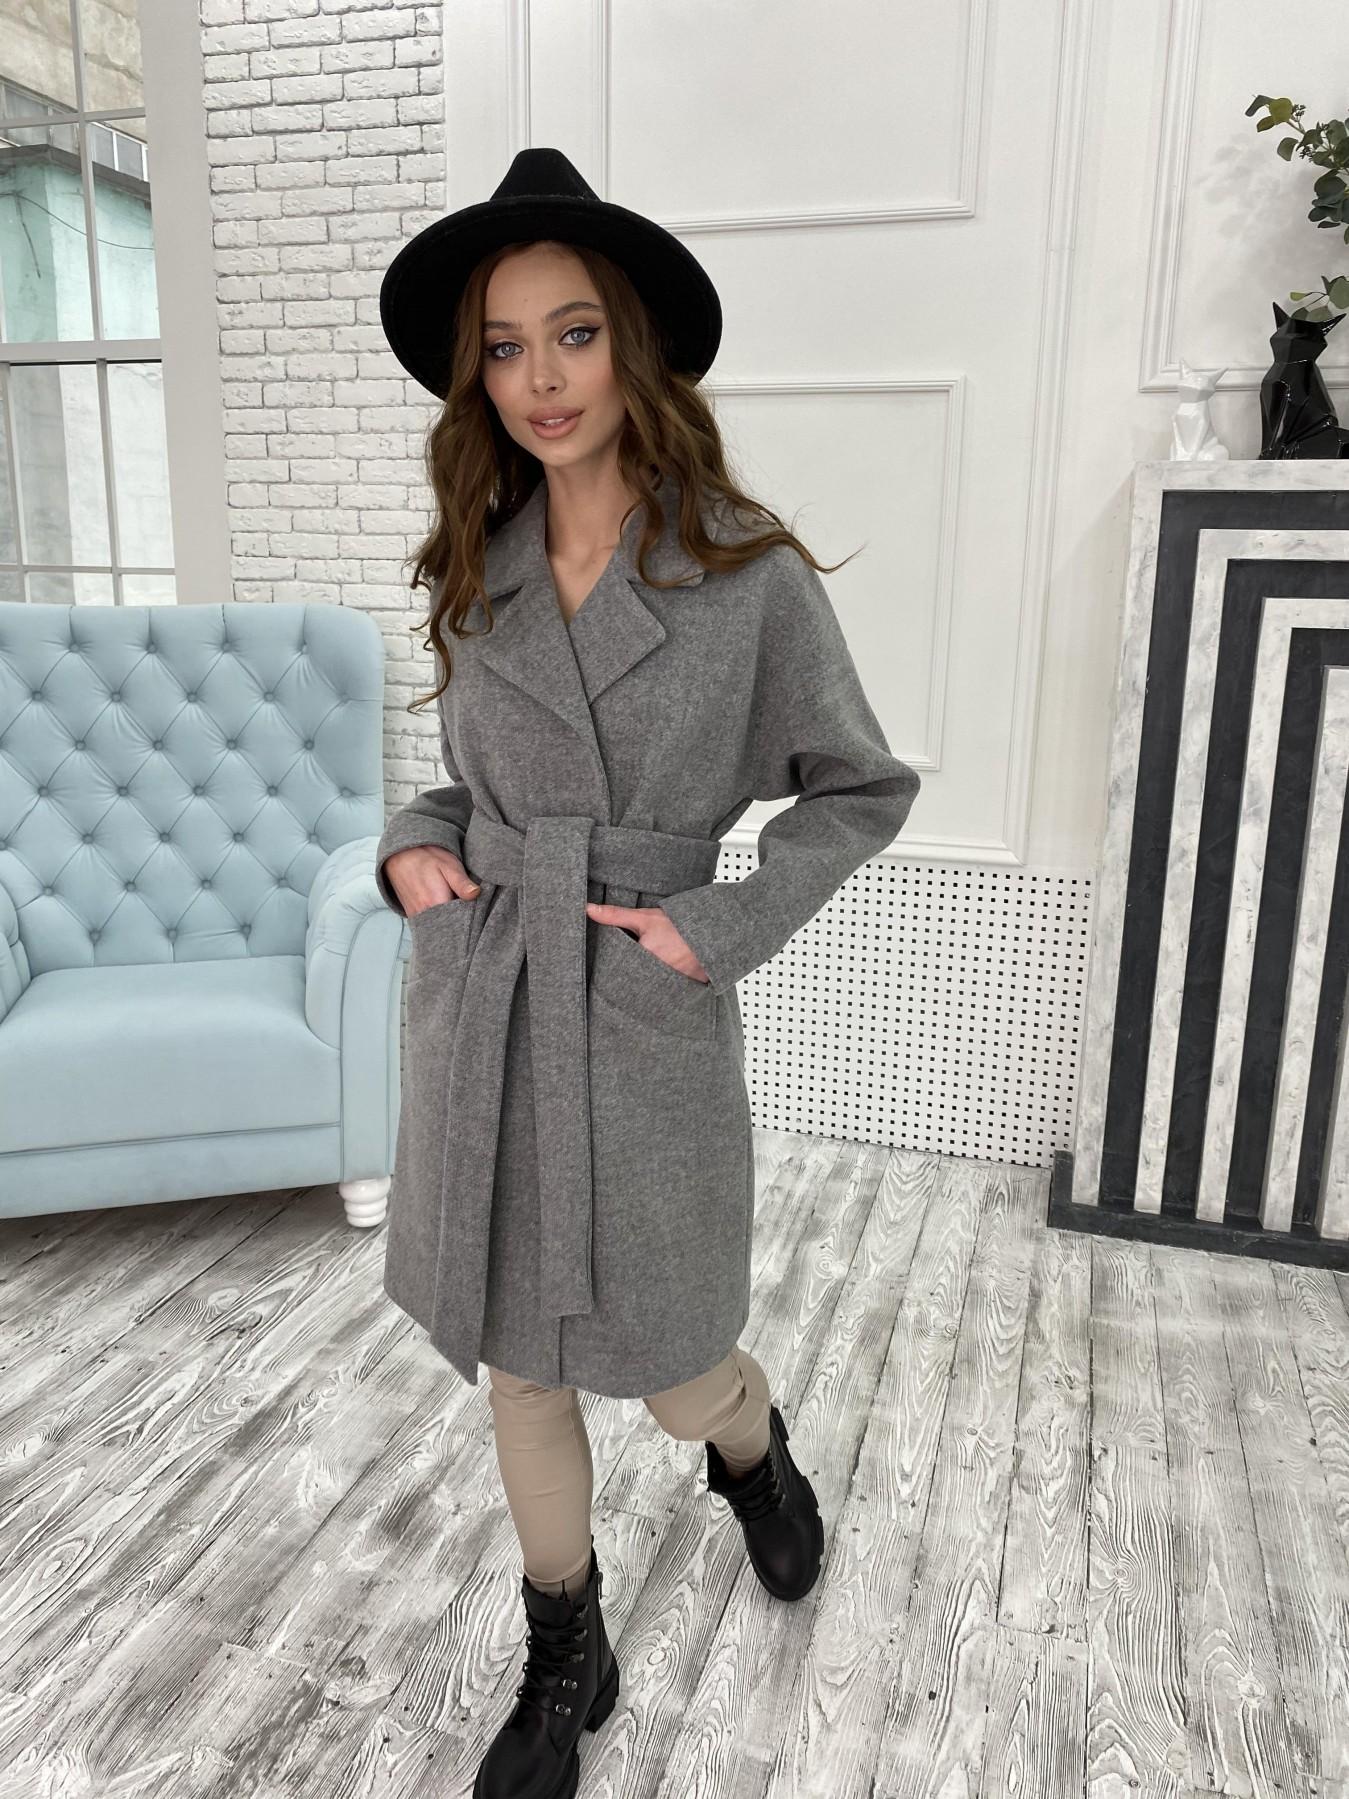 Сенсей пальто из кашемира меланж  10745 АРТ. 47226 Цвет: Серый 1 - фото 5, интернет магазин tm-modus.ru